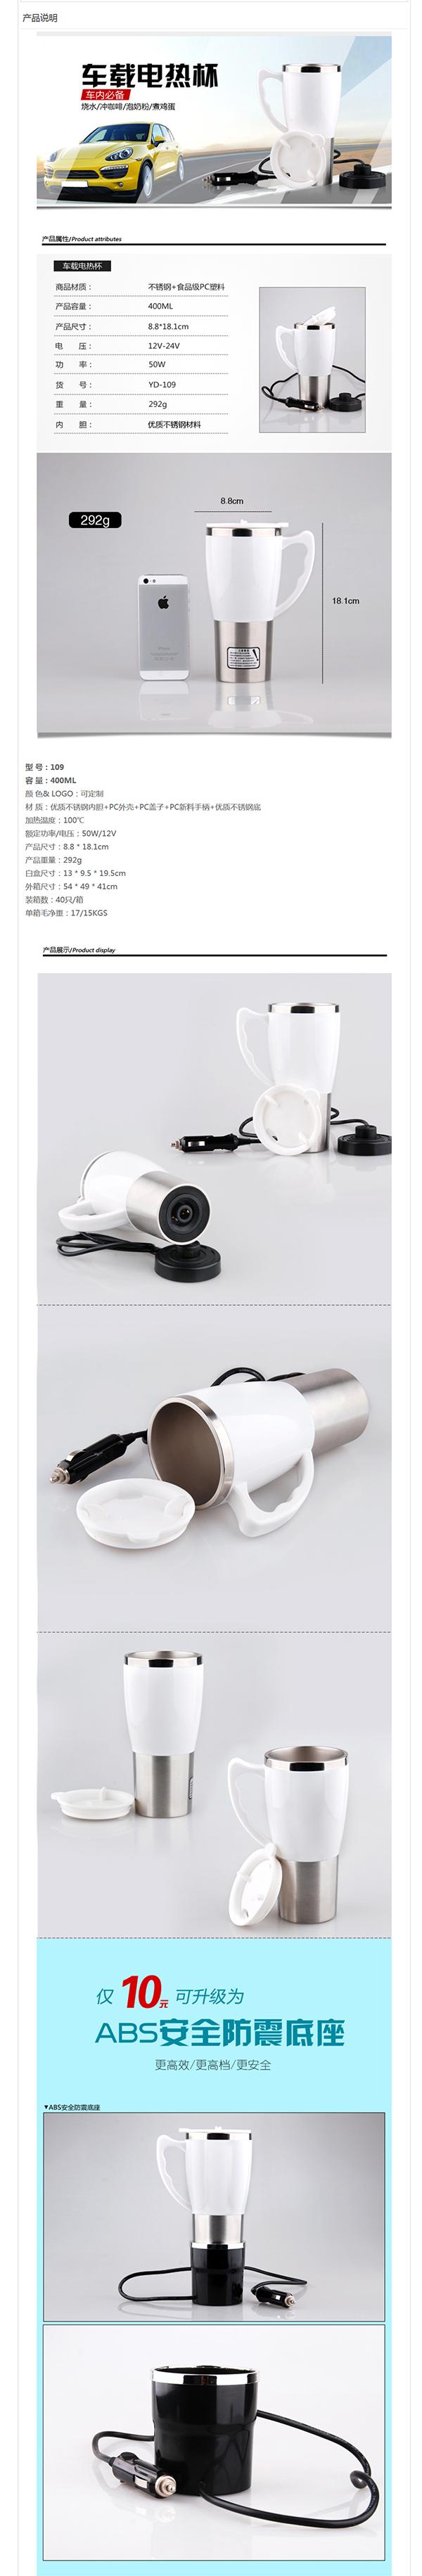 汽车美容小电器车载电热杯汽车货车厢式车可选咖啡加热杯保温杯子-汽配易购网副本.png